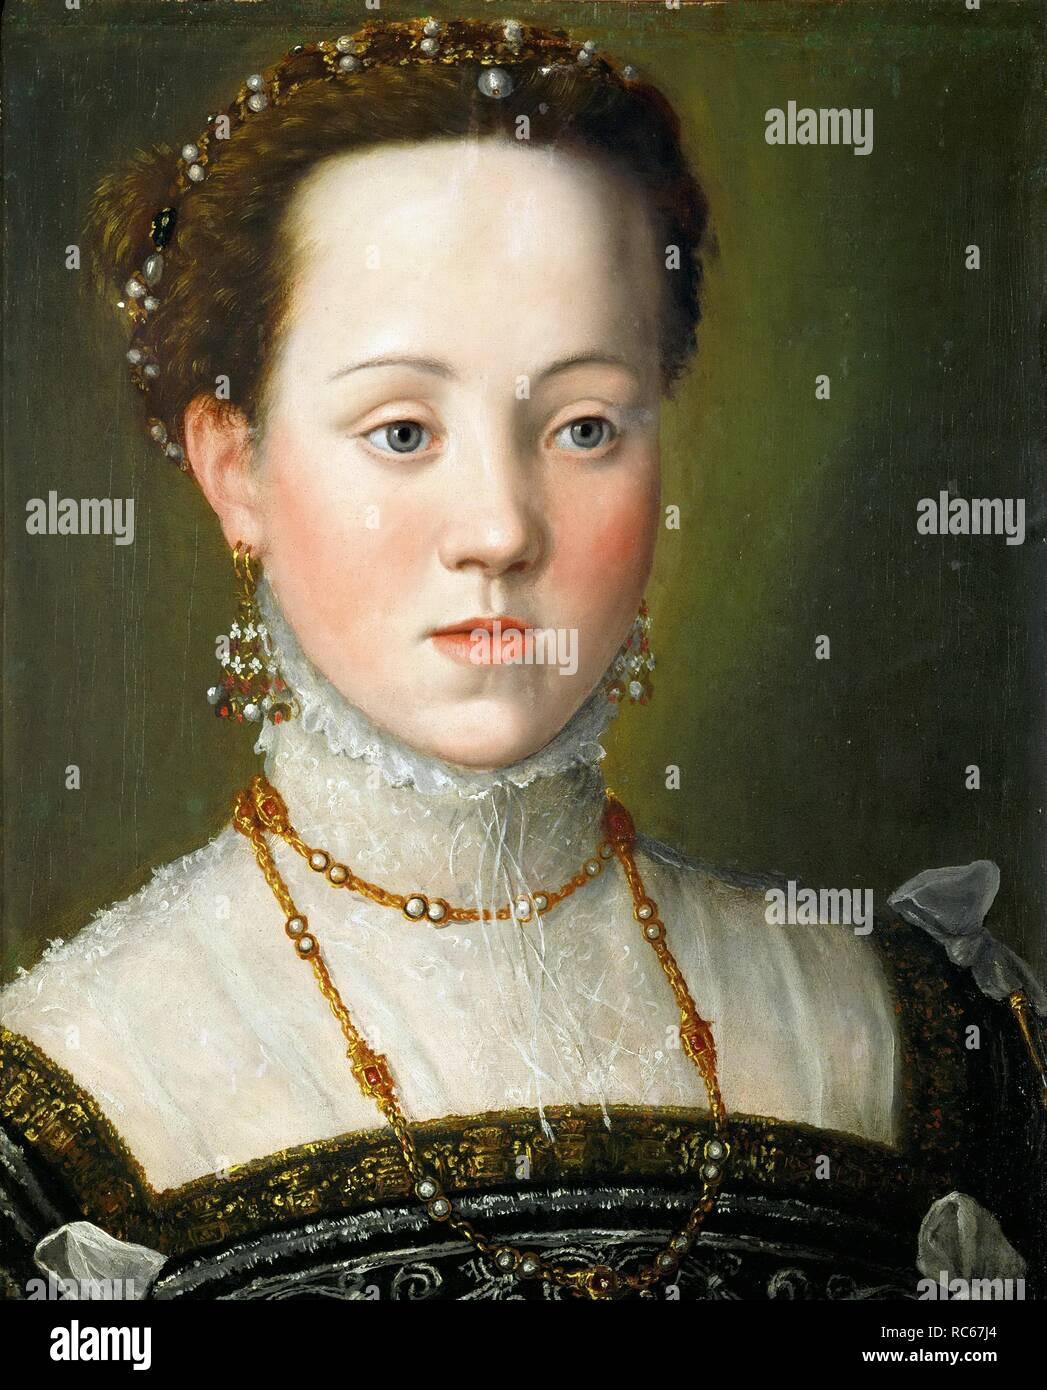 Anne D'autriche (1549-1580) : d'autriche, (1549-1580), L'archiduchesse, D'Autriche, (1549-1580),, Reine, D'Espagne., Musée, Château, D'Ambras,, Innsbruck., Auteur, Arcimboldo,, Giuseppe, Photo, Stock, Alamy